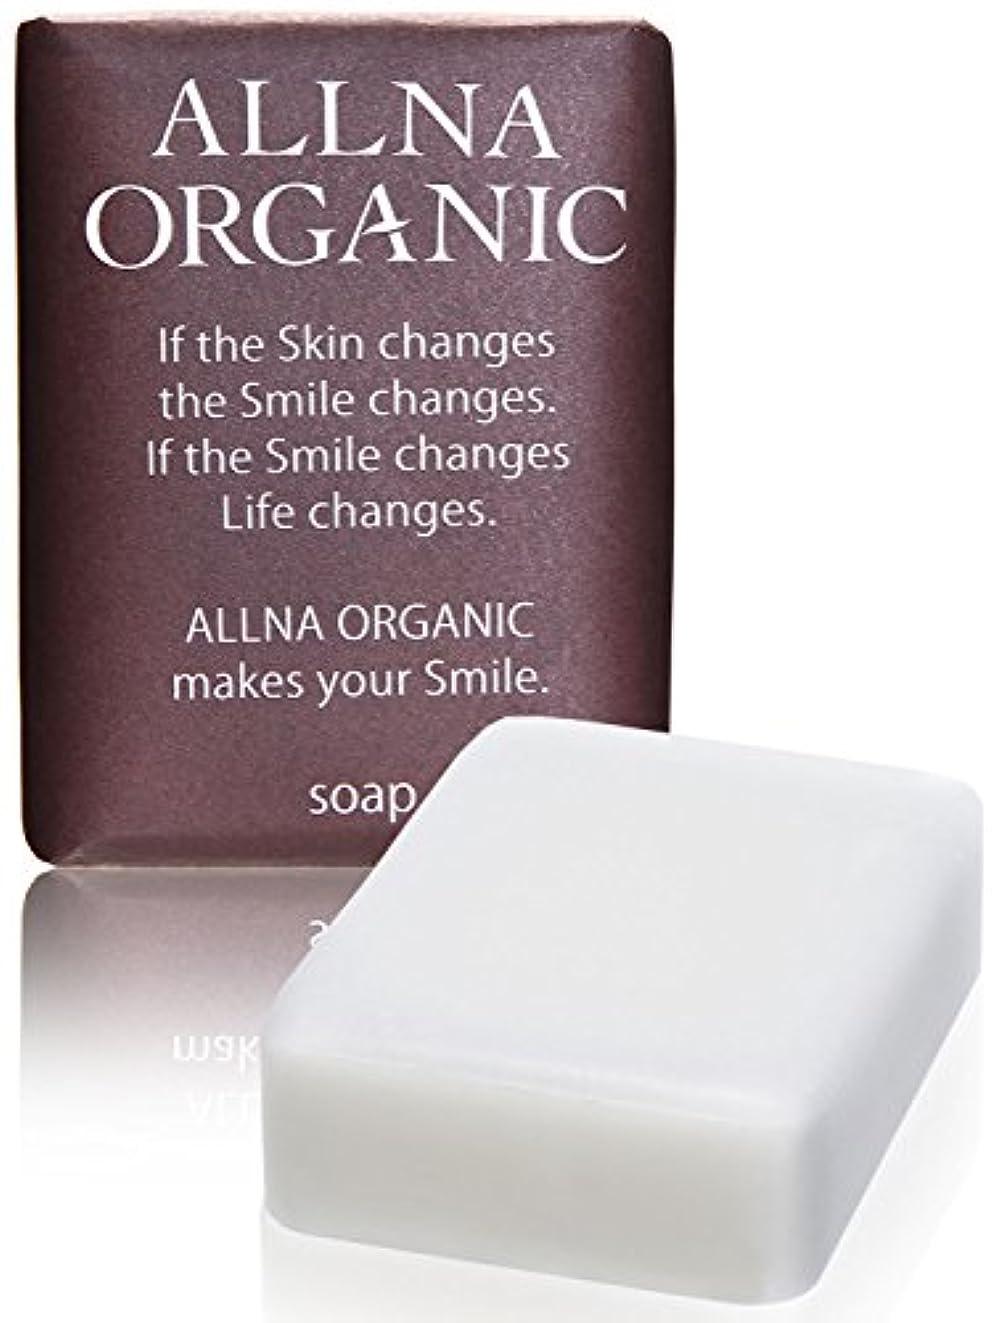 視線性能説明的オルナ オーガニック 石鹸 「 無添加 敏感 肌用 毛穴 対策 洗顔石鹸 」「 コラーゲン 3種 + ヒアルロン酸 4種 + ビタミンC 4種 + セラミド 配合」 保湿 固形 洗顔 せっけん バスサイズ 100g